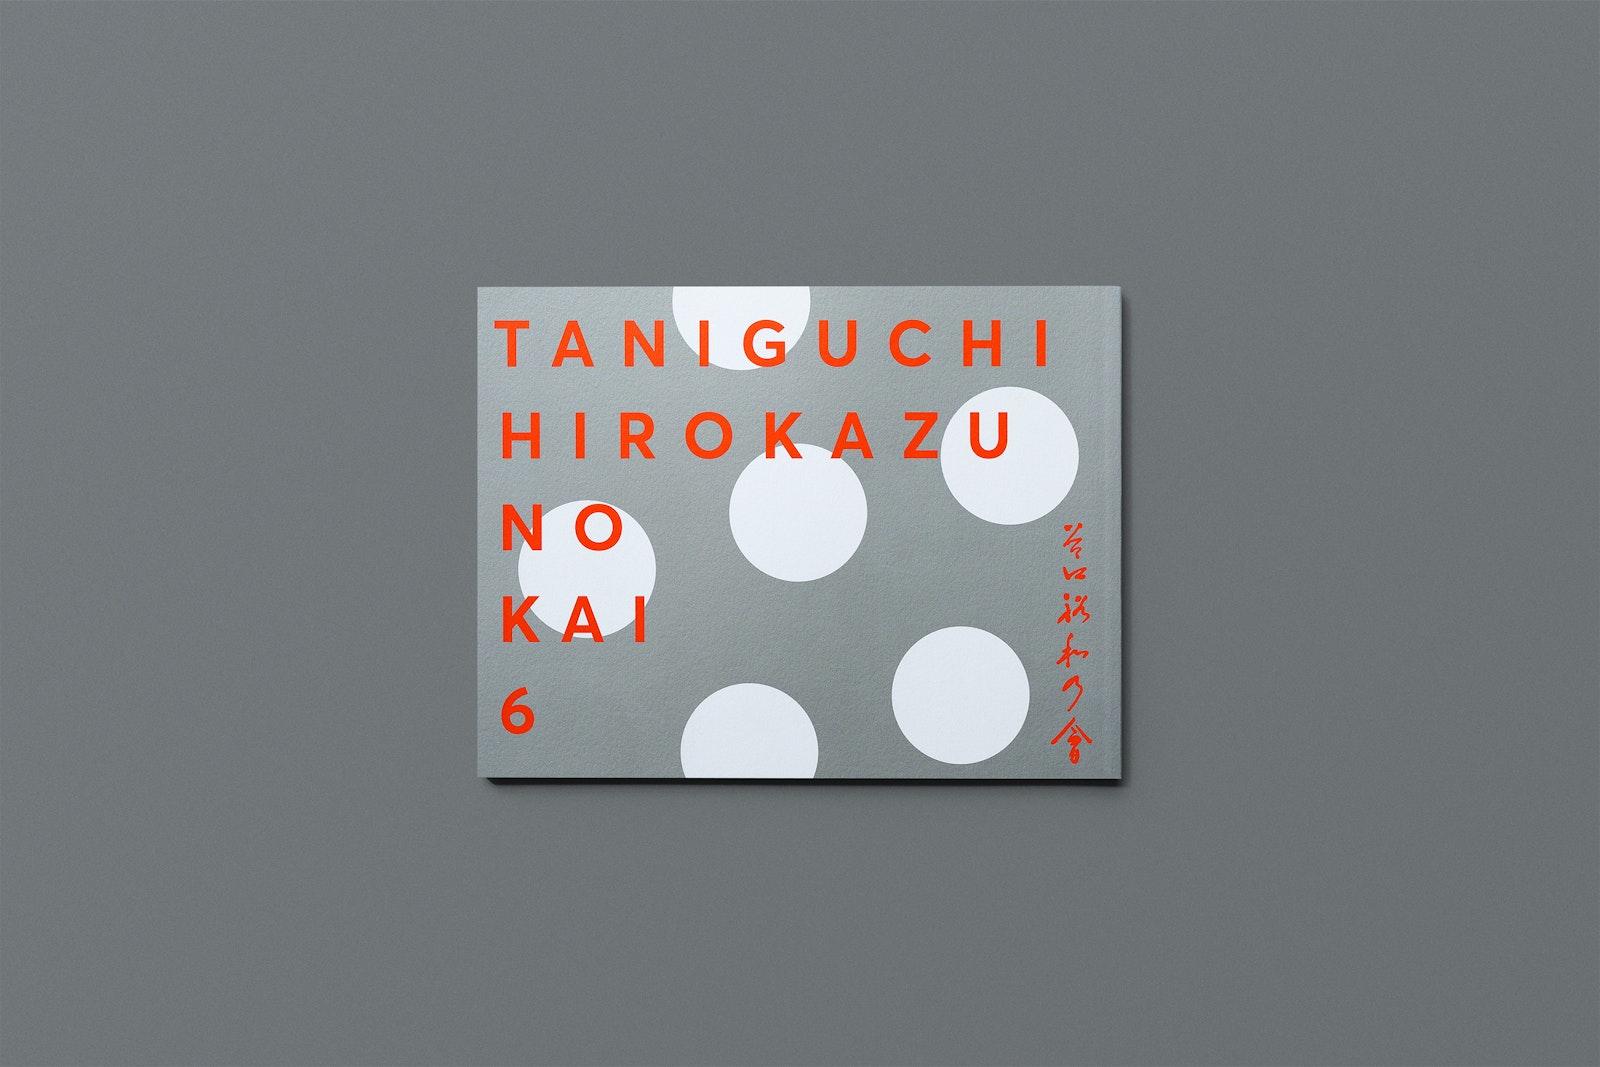 Taniguchi Hirokazu No Kai 6